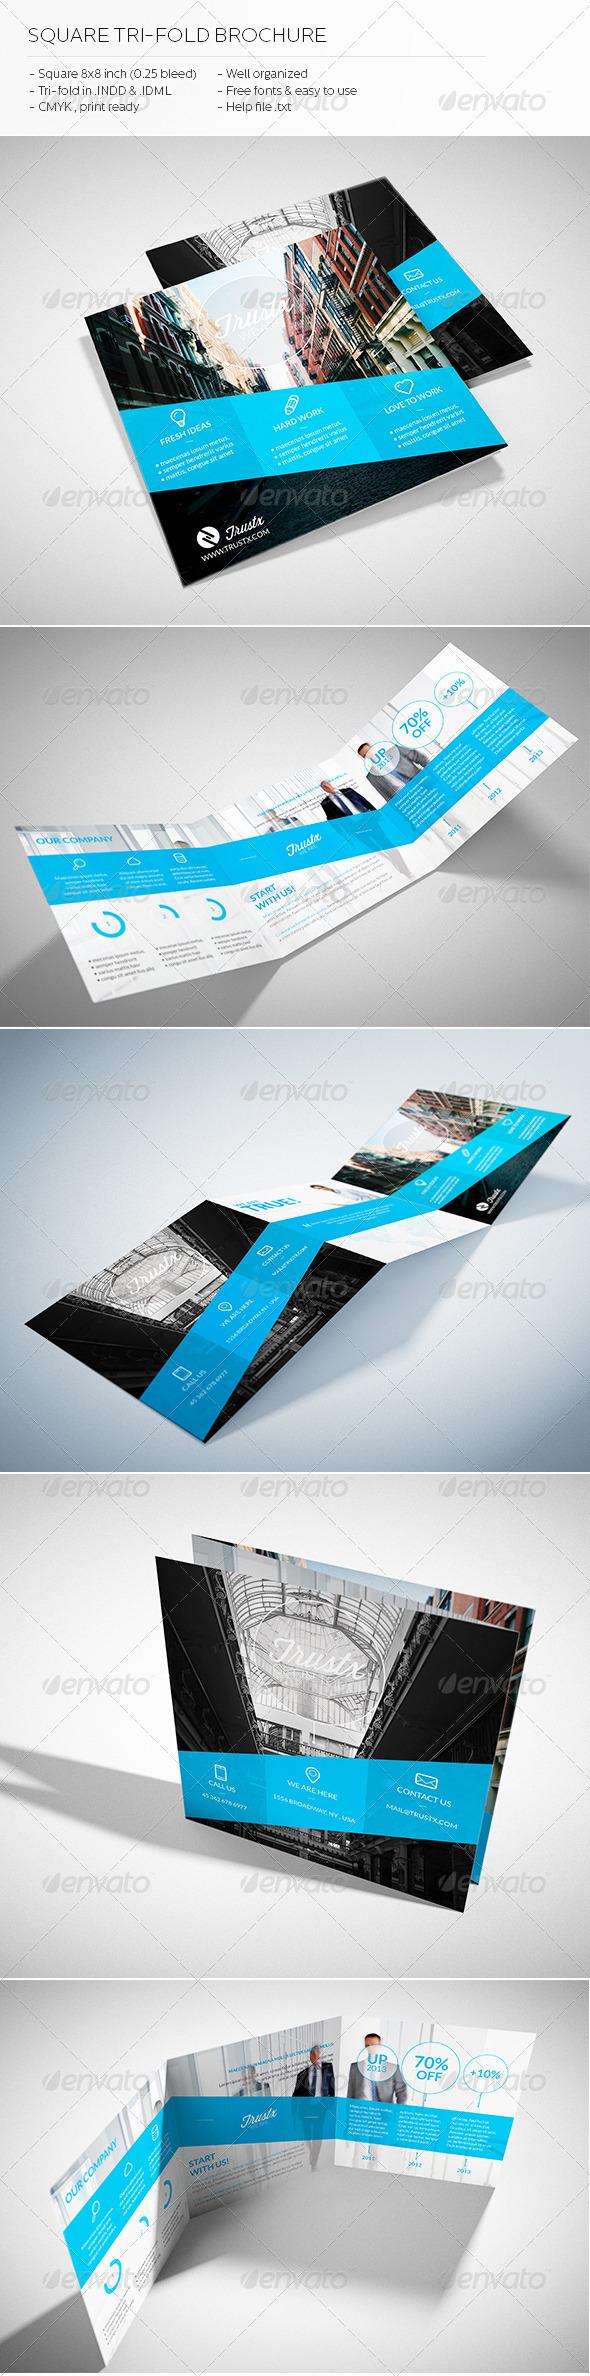 GraphicRiver Trustx Square Tri-fold Brochure 5427991